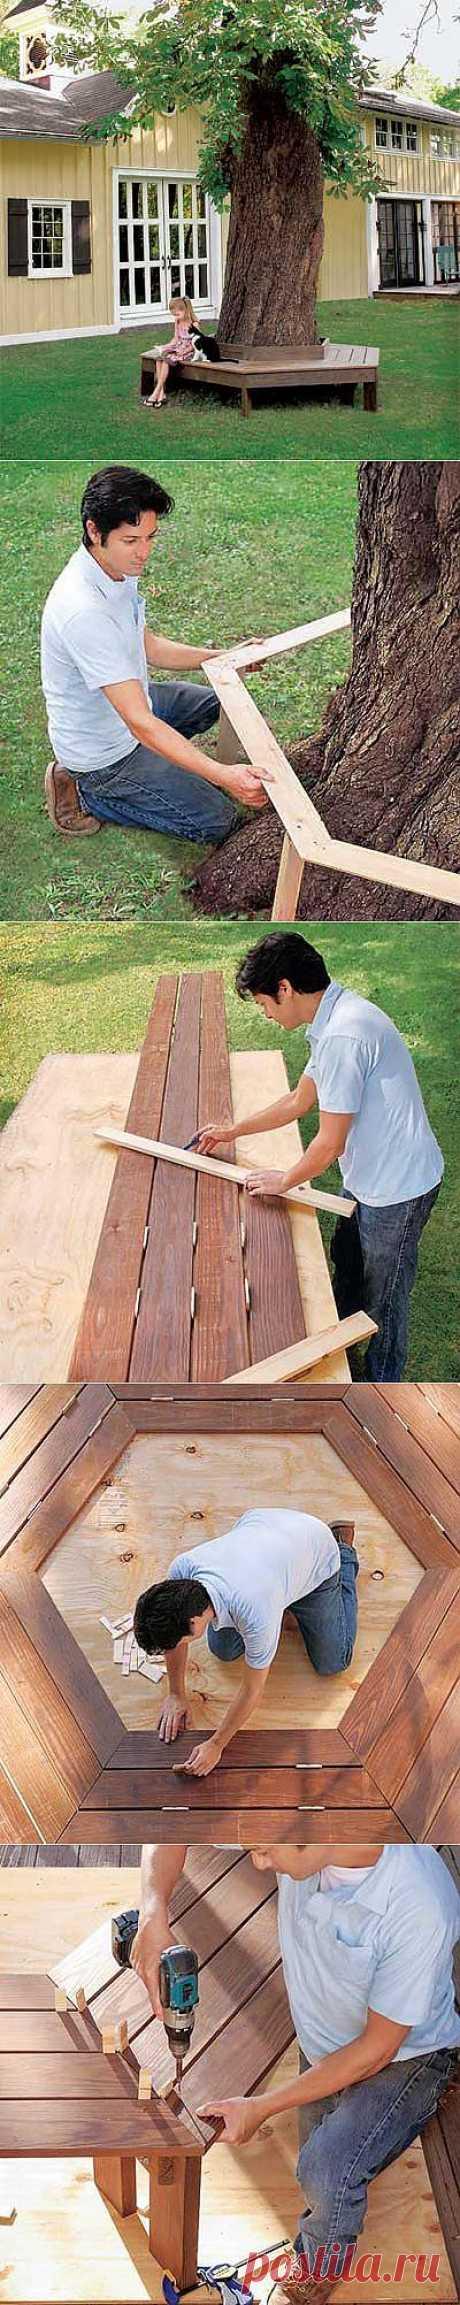 Как построить скамейку под деревом | Хитрости жизни